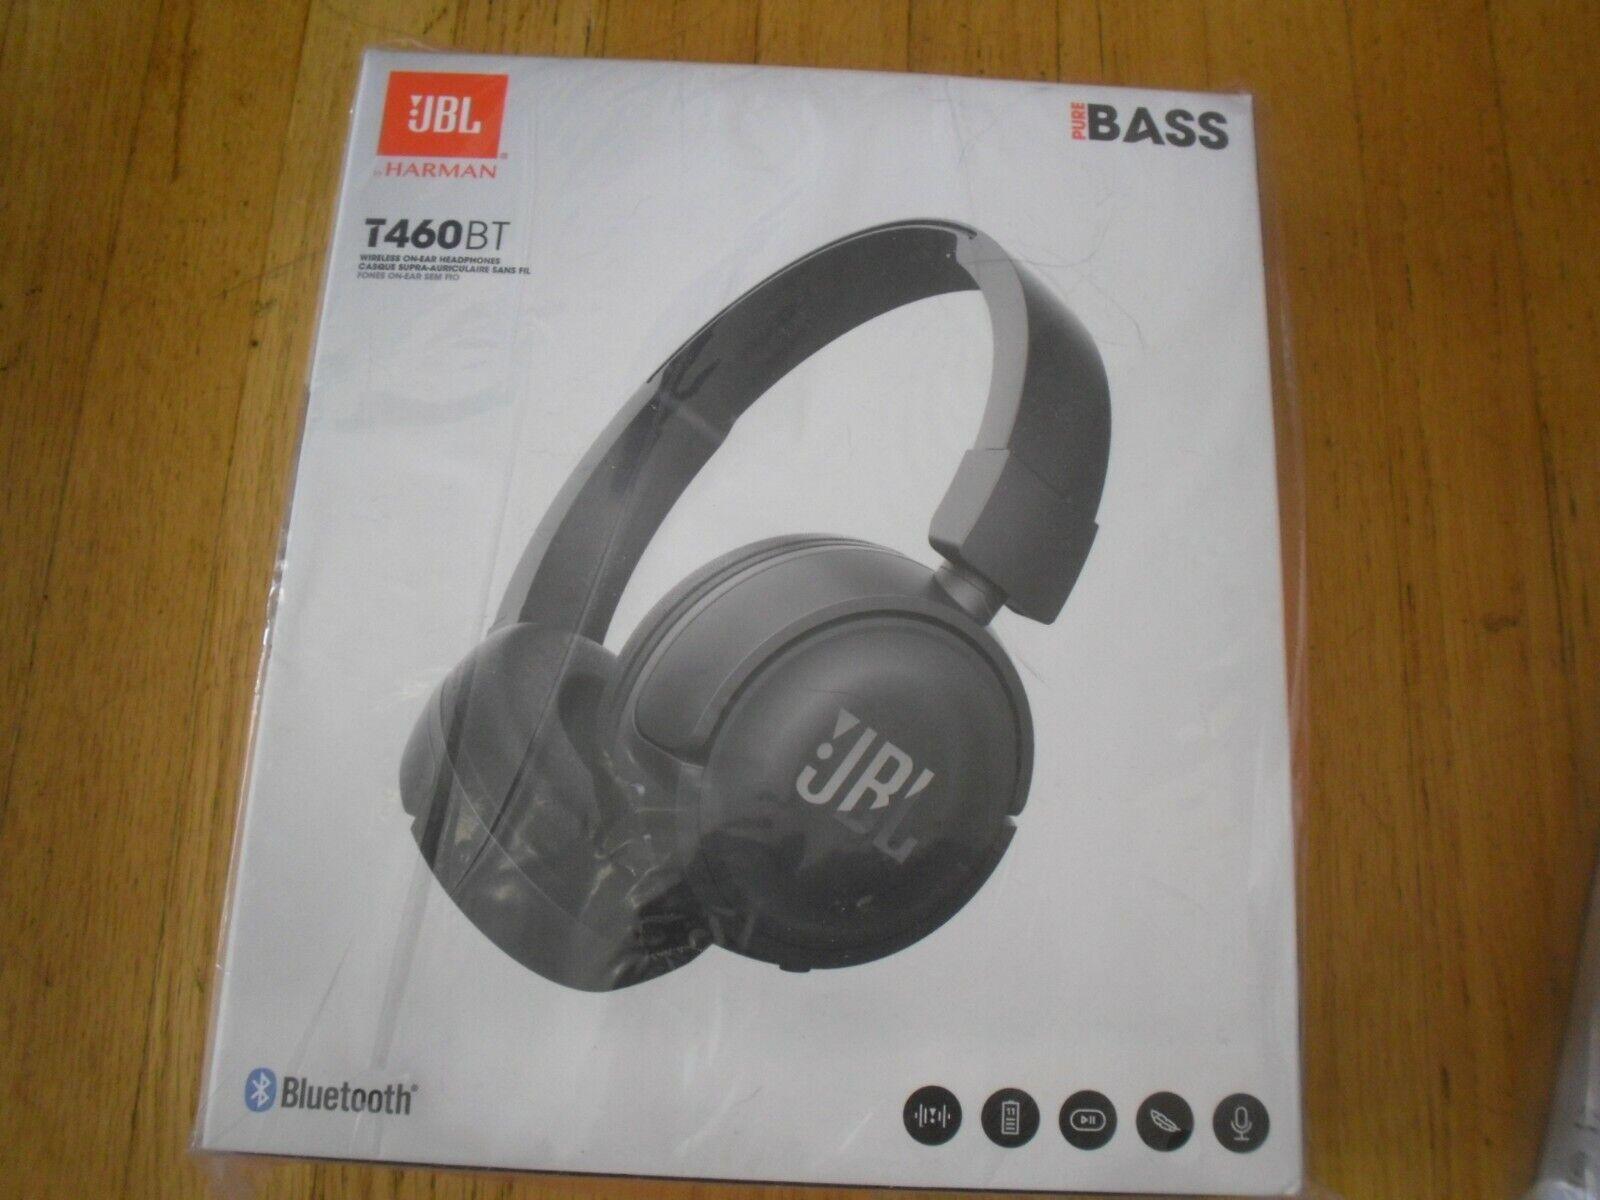 JBL T460BT Wireless On-ear Bluetooth Headphones with JBL Pur